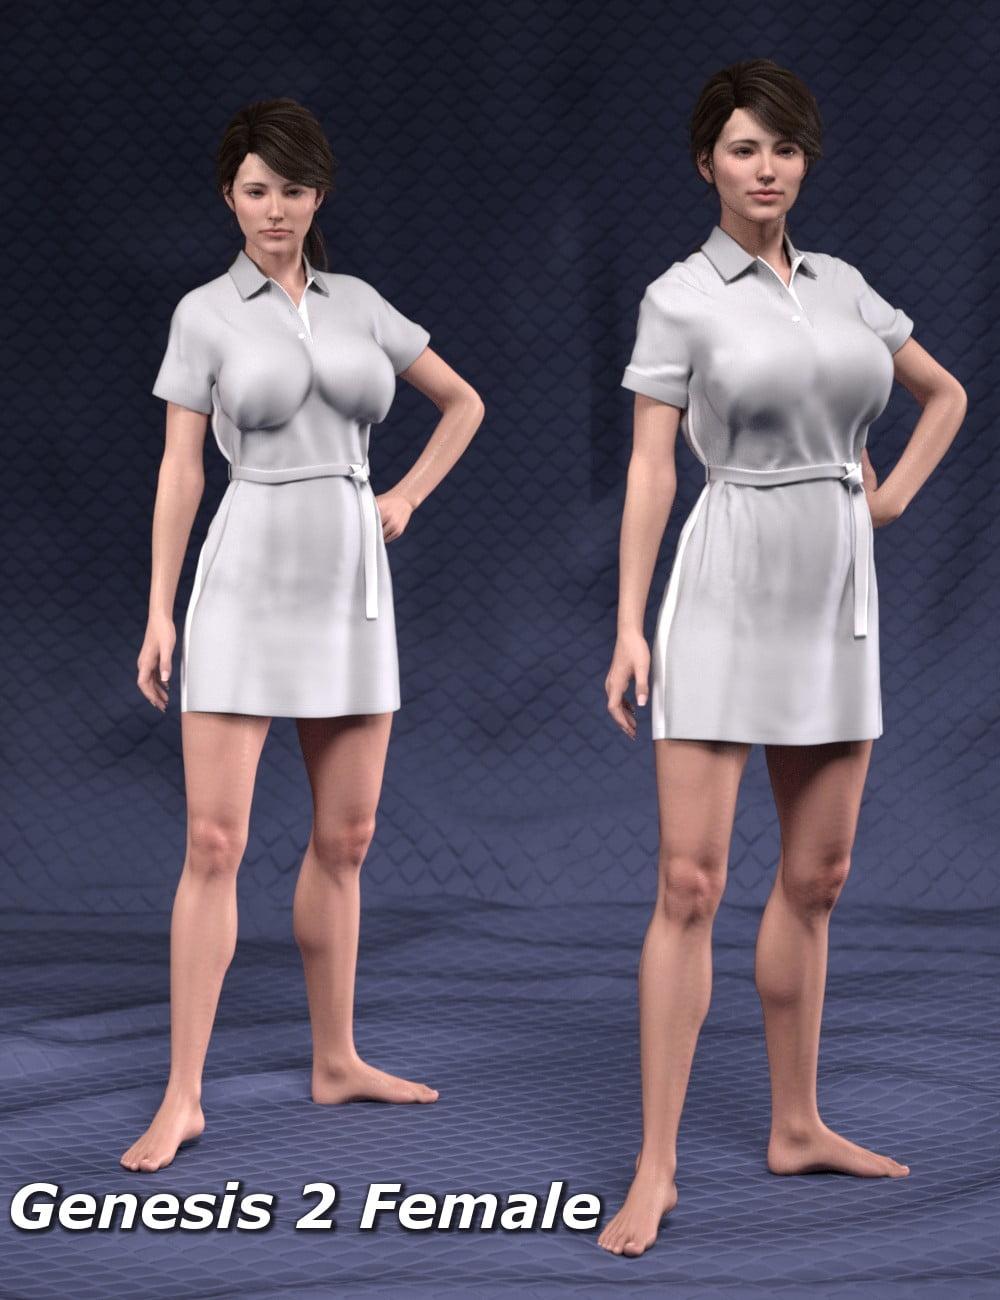 SY Universal Breast Helpers Genesis, Genesis 2 and Genesis 3 Female